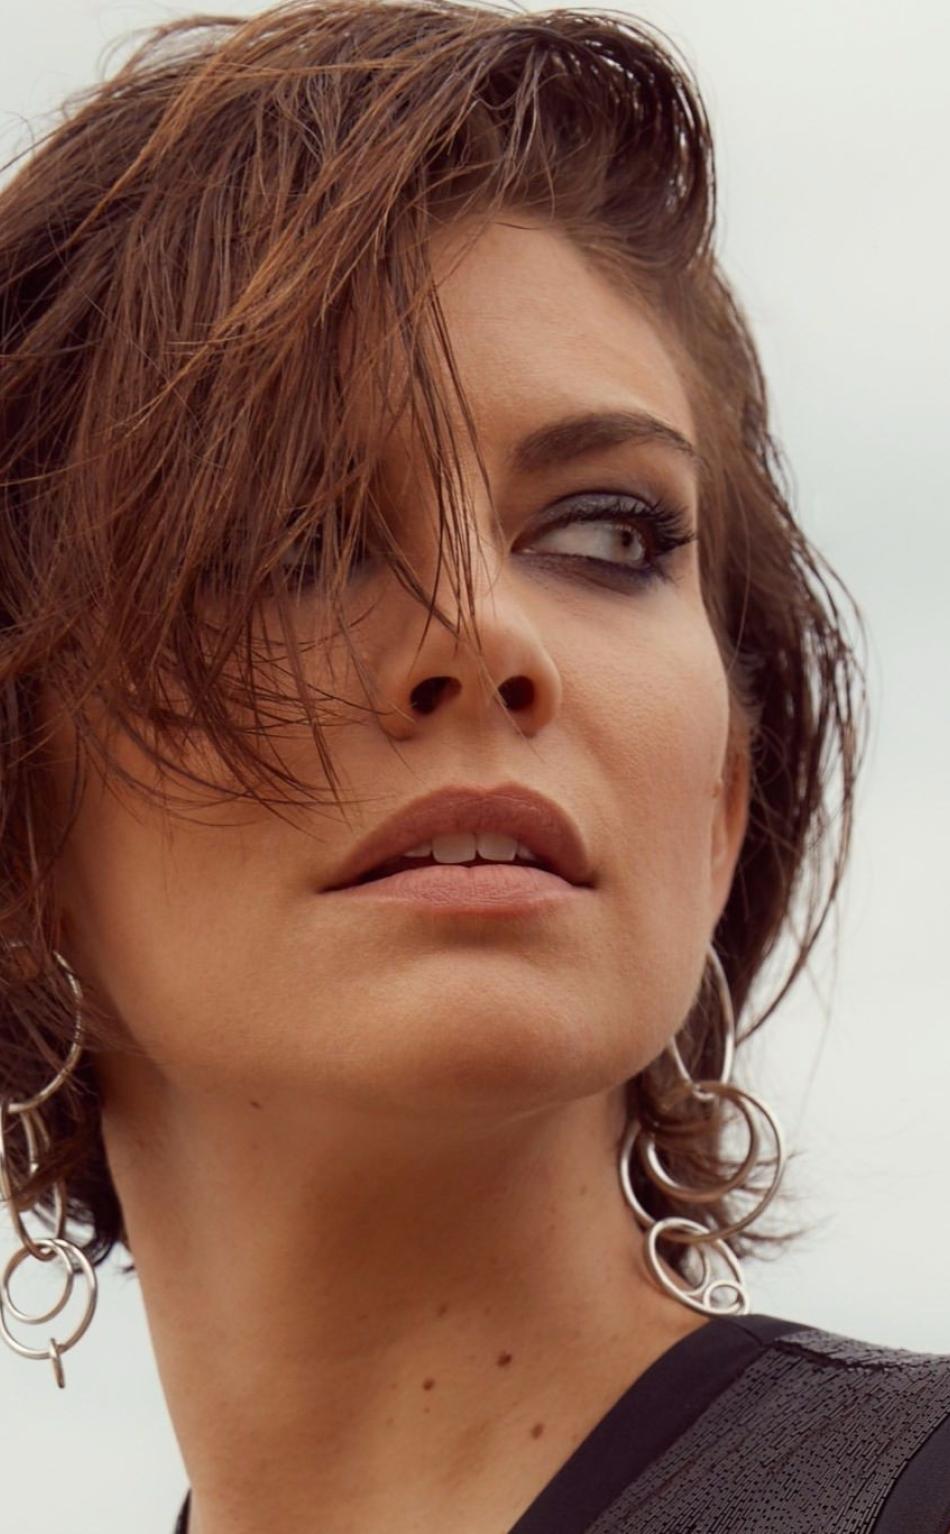 Lauren Cohan Brunette Face Full Hd 2k Wallpaper